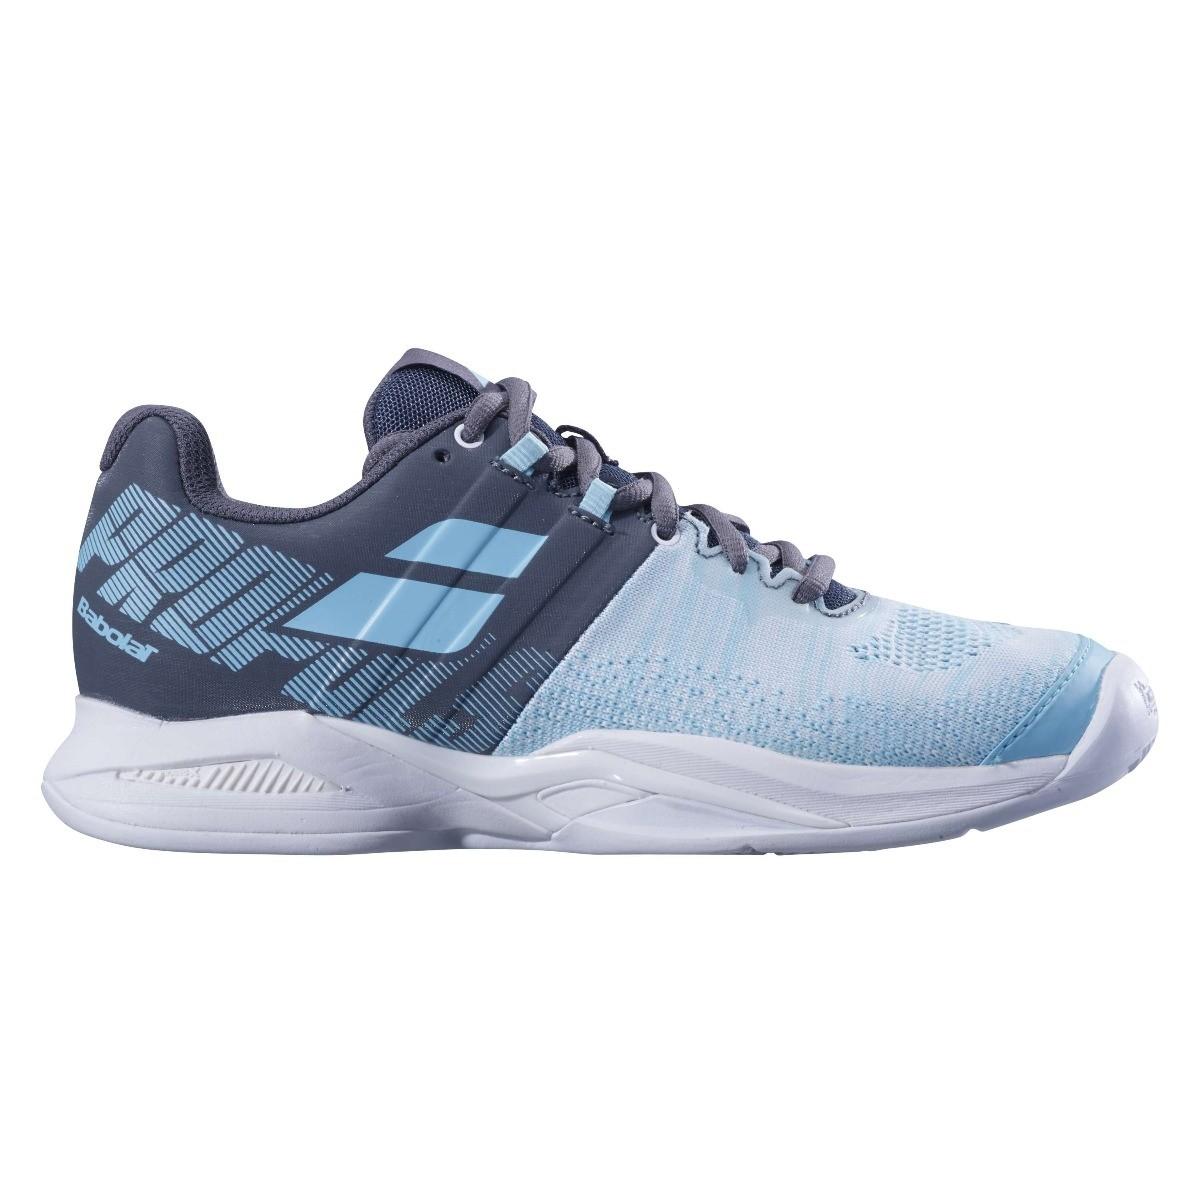 Afbeelding van Babolat Propulse Blast Clay Tennisschoenen Dames Grey Blue Radiance EU 37